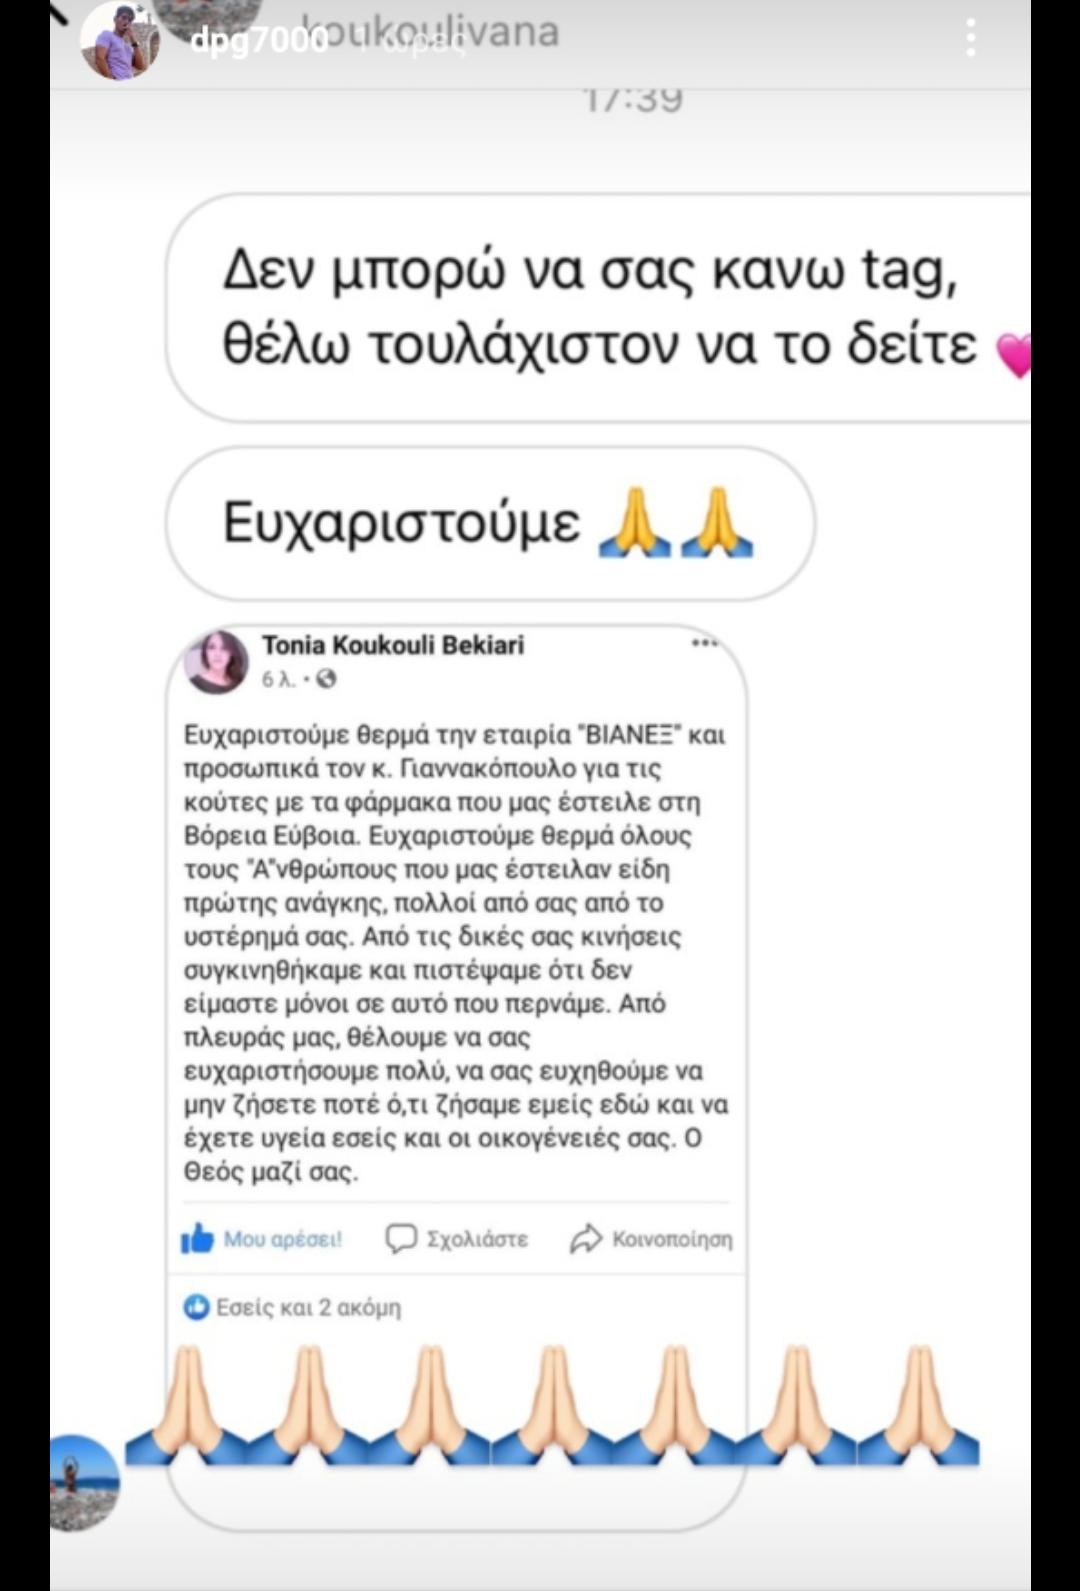 """Γιαννακόπουλος: Νέα σπουδαία κίνηση και """"ευχαριστώ"""""""